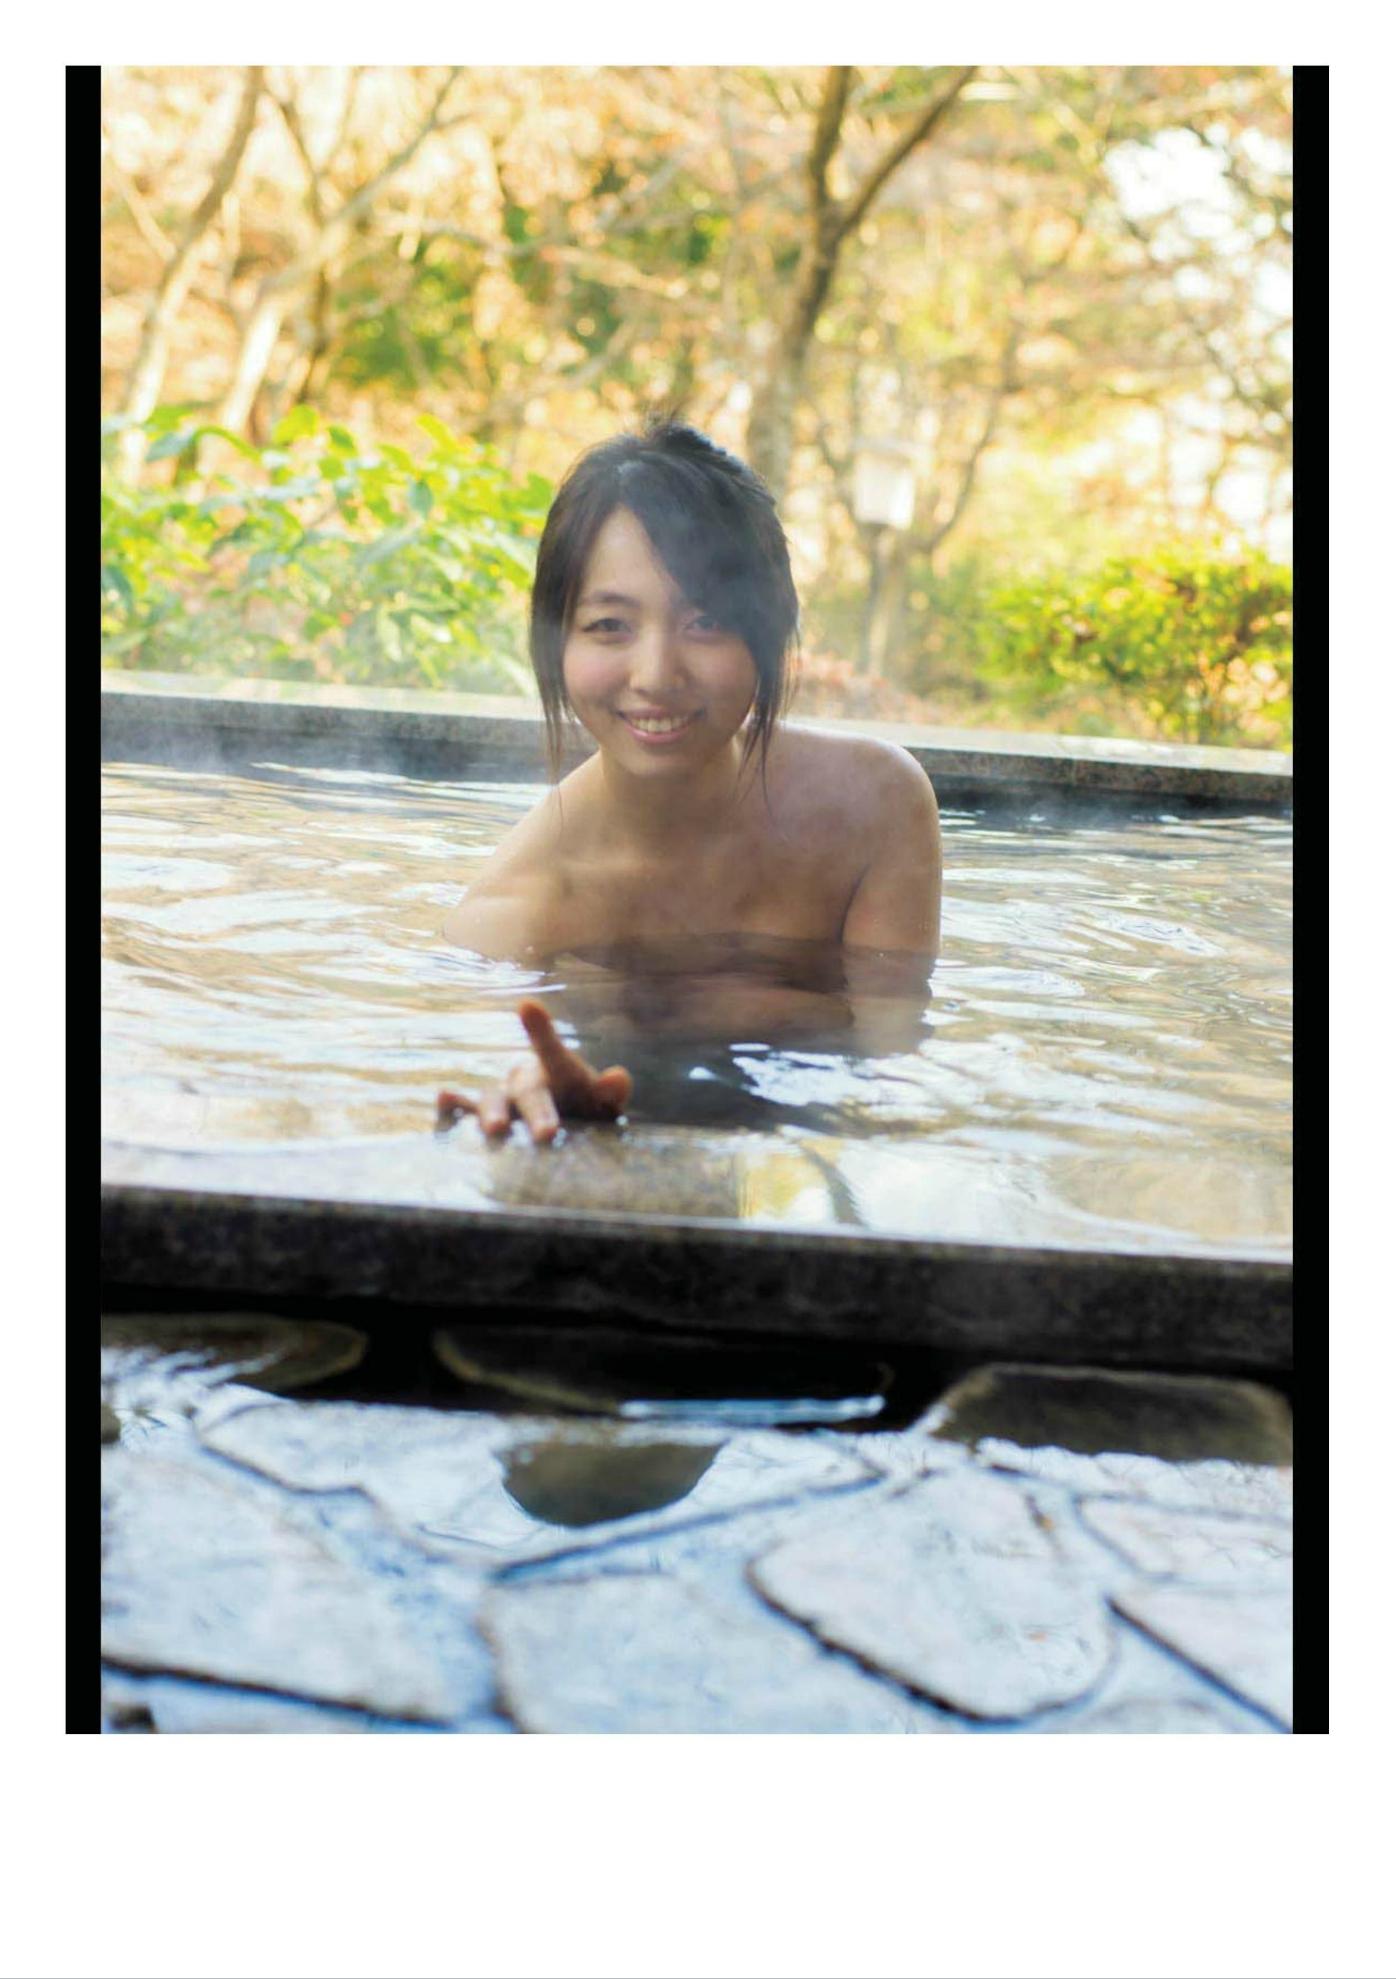 image http://scanlover.com/assets/images/2952-9eFEbDsSvLXwggsC.jpeg